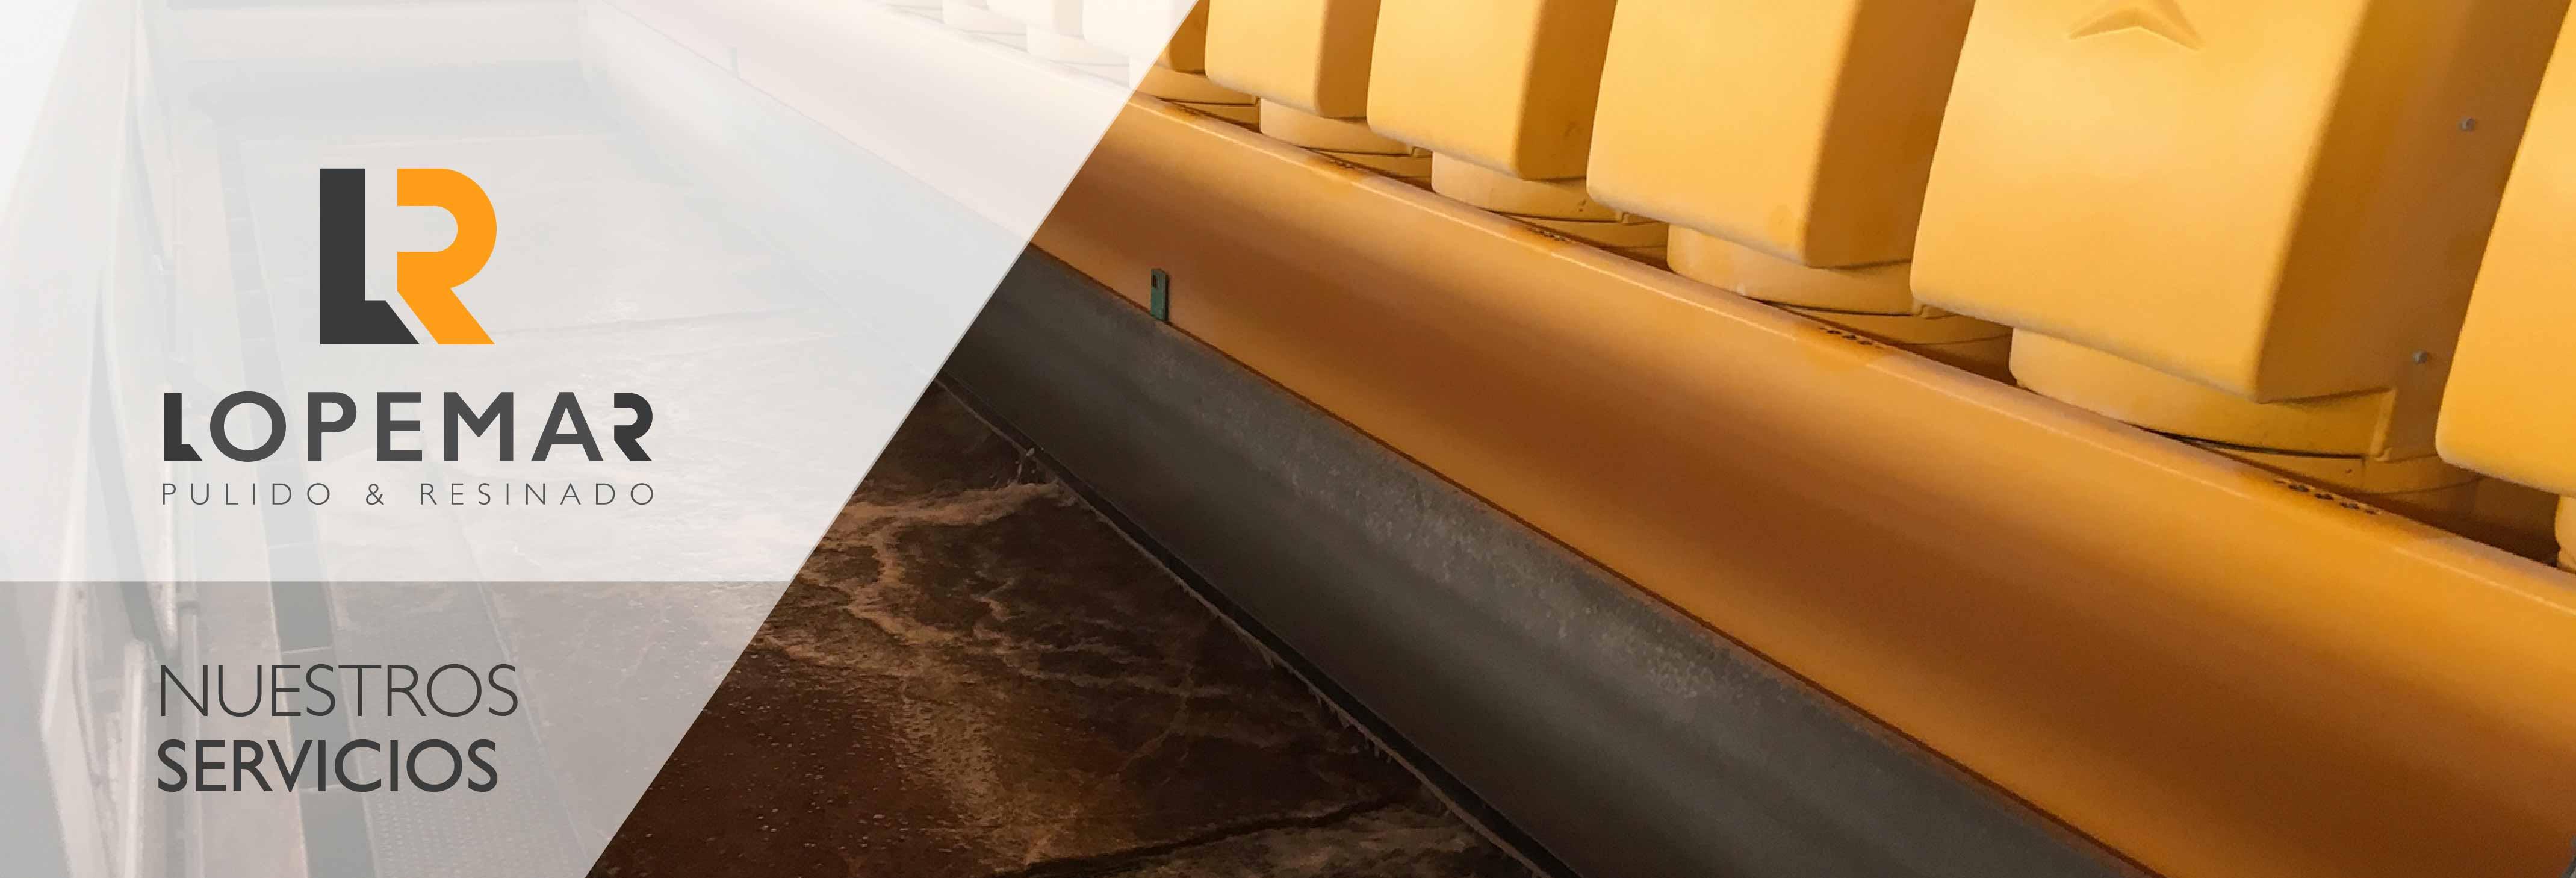 LOPEMAR-pulido-resinado-servicios